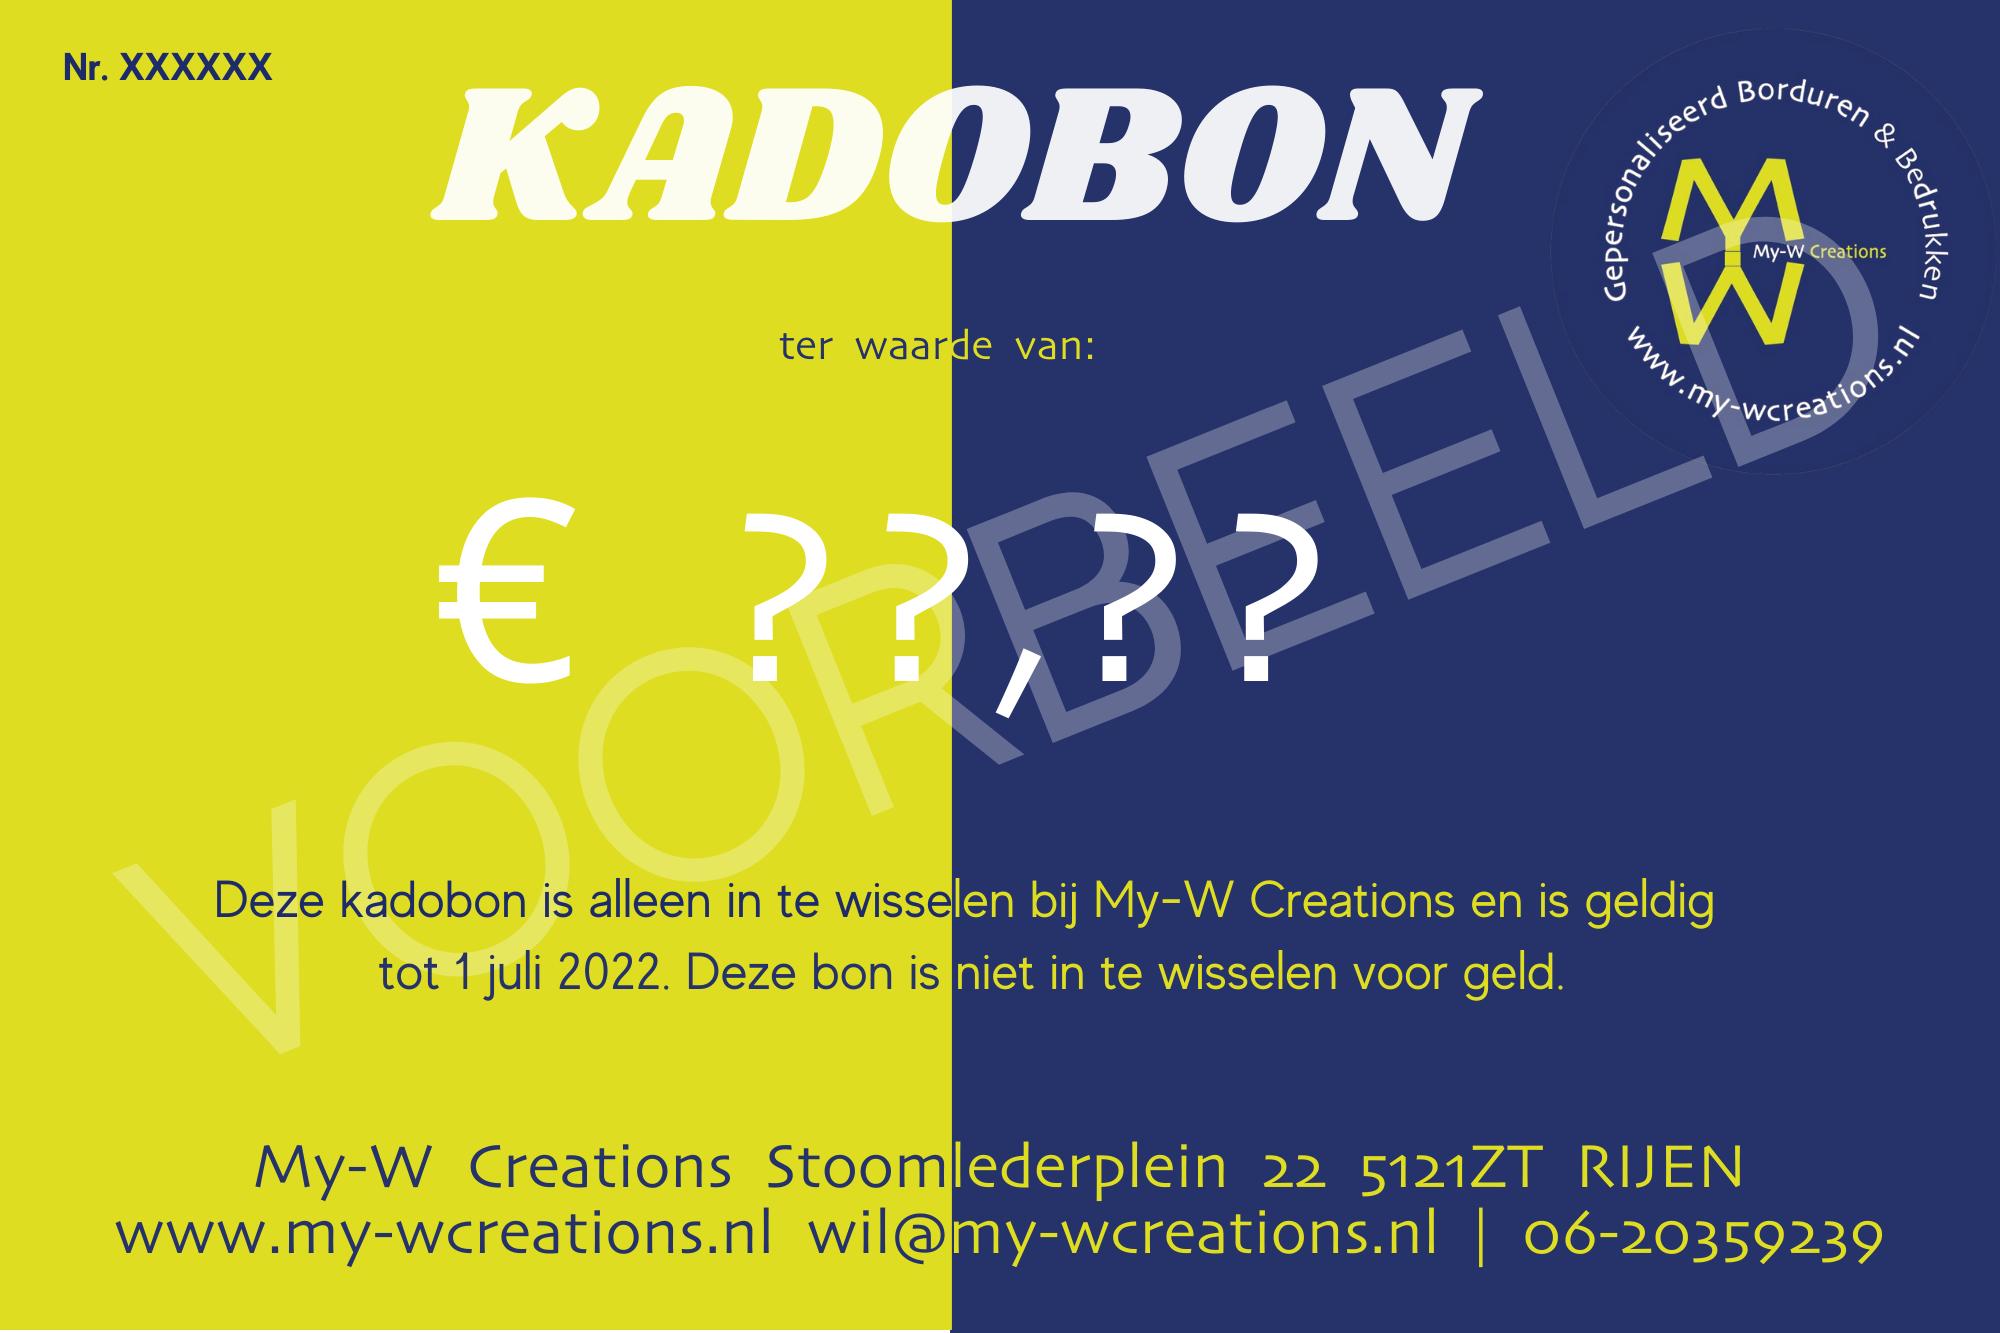 Voorbeeld kadokaart My-W Creations